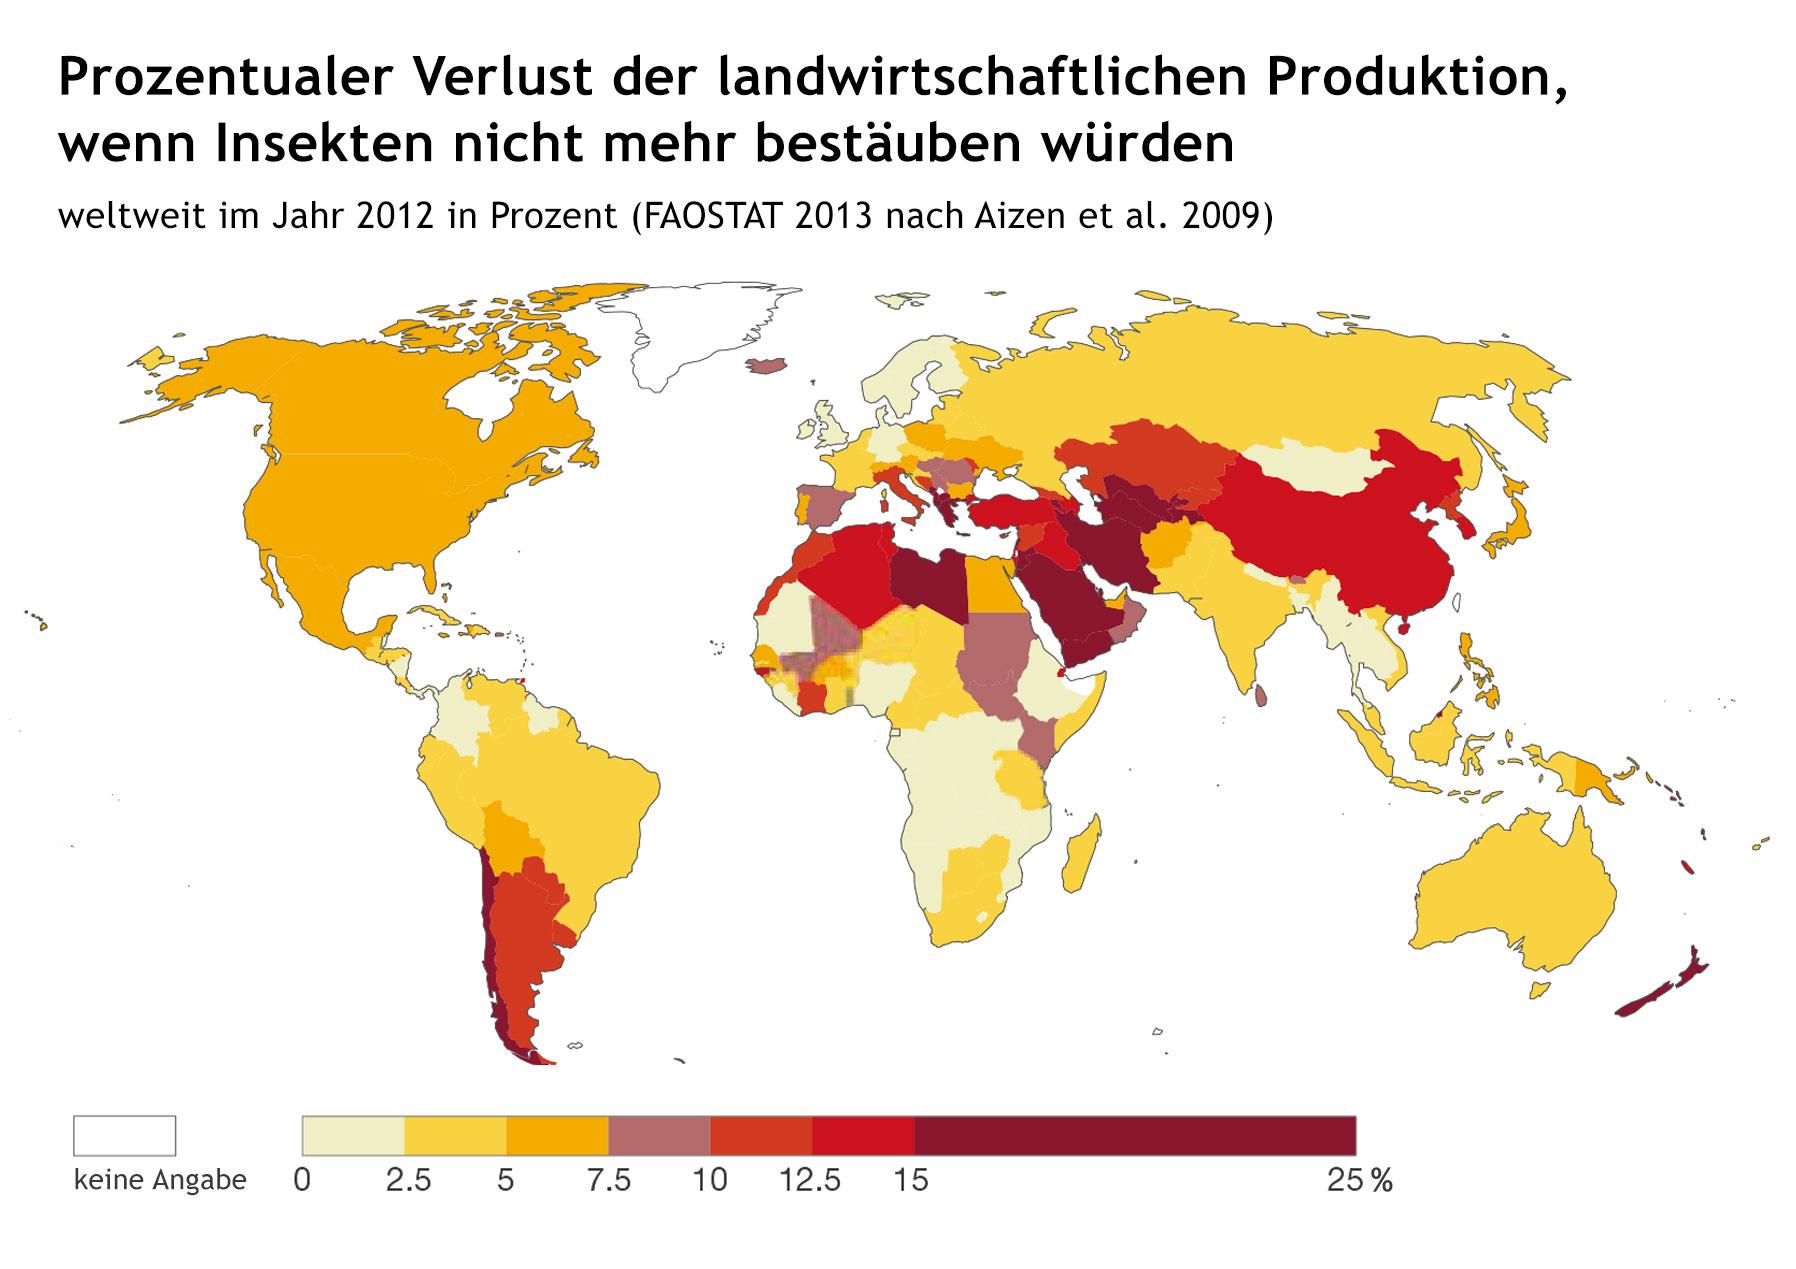 Weltweiter Verlust der landwirtschaftlichen Produktion, wenn Insekten nicht mehr bestäuben würden im Jahr 2012 in Prozent